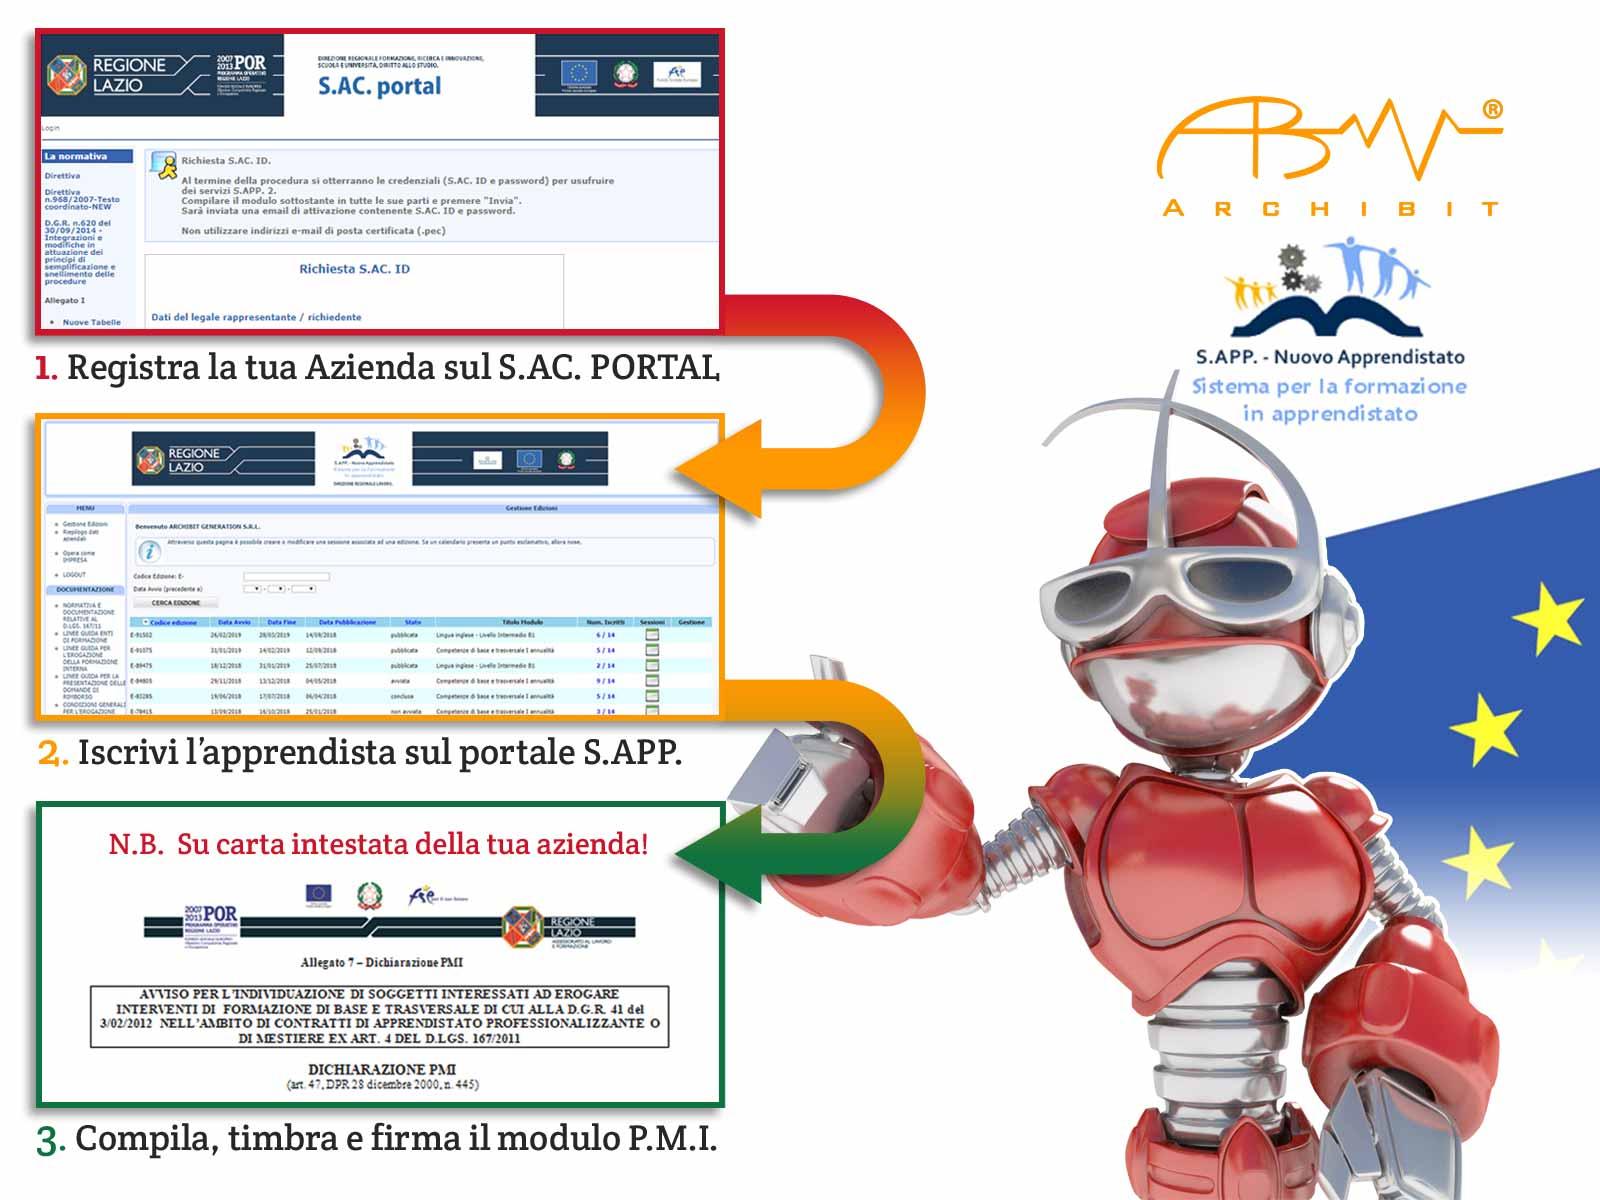 corsi-gratuiti-apprendistato-regione-lazio-sapp-archibit-centro-corsi-finanziati-apprendisti-roma